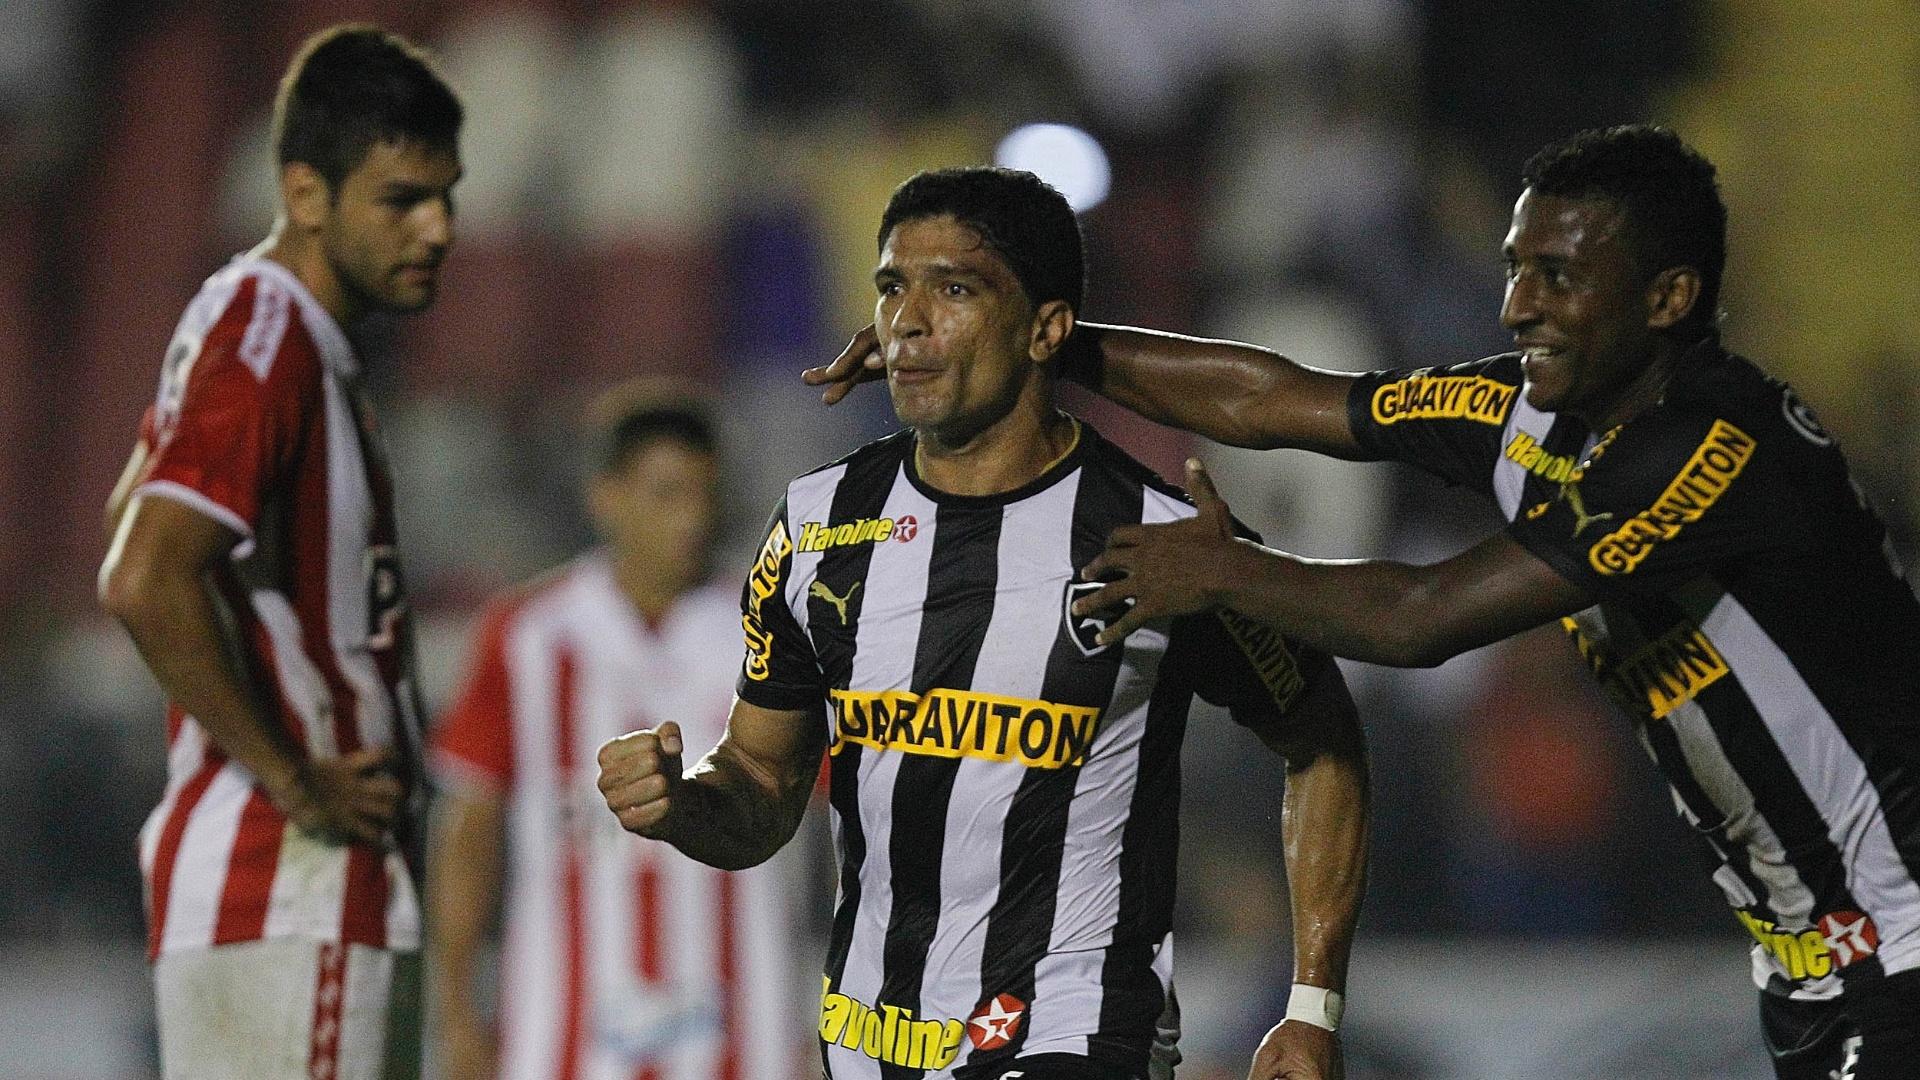 20.07.2013 - Renato, volante do Botafogo, comemora segundo gol da equipe contra o Náutico